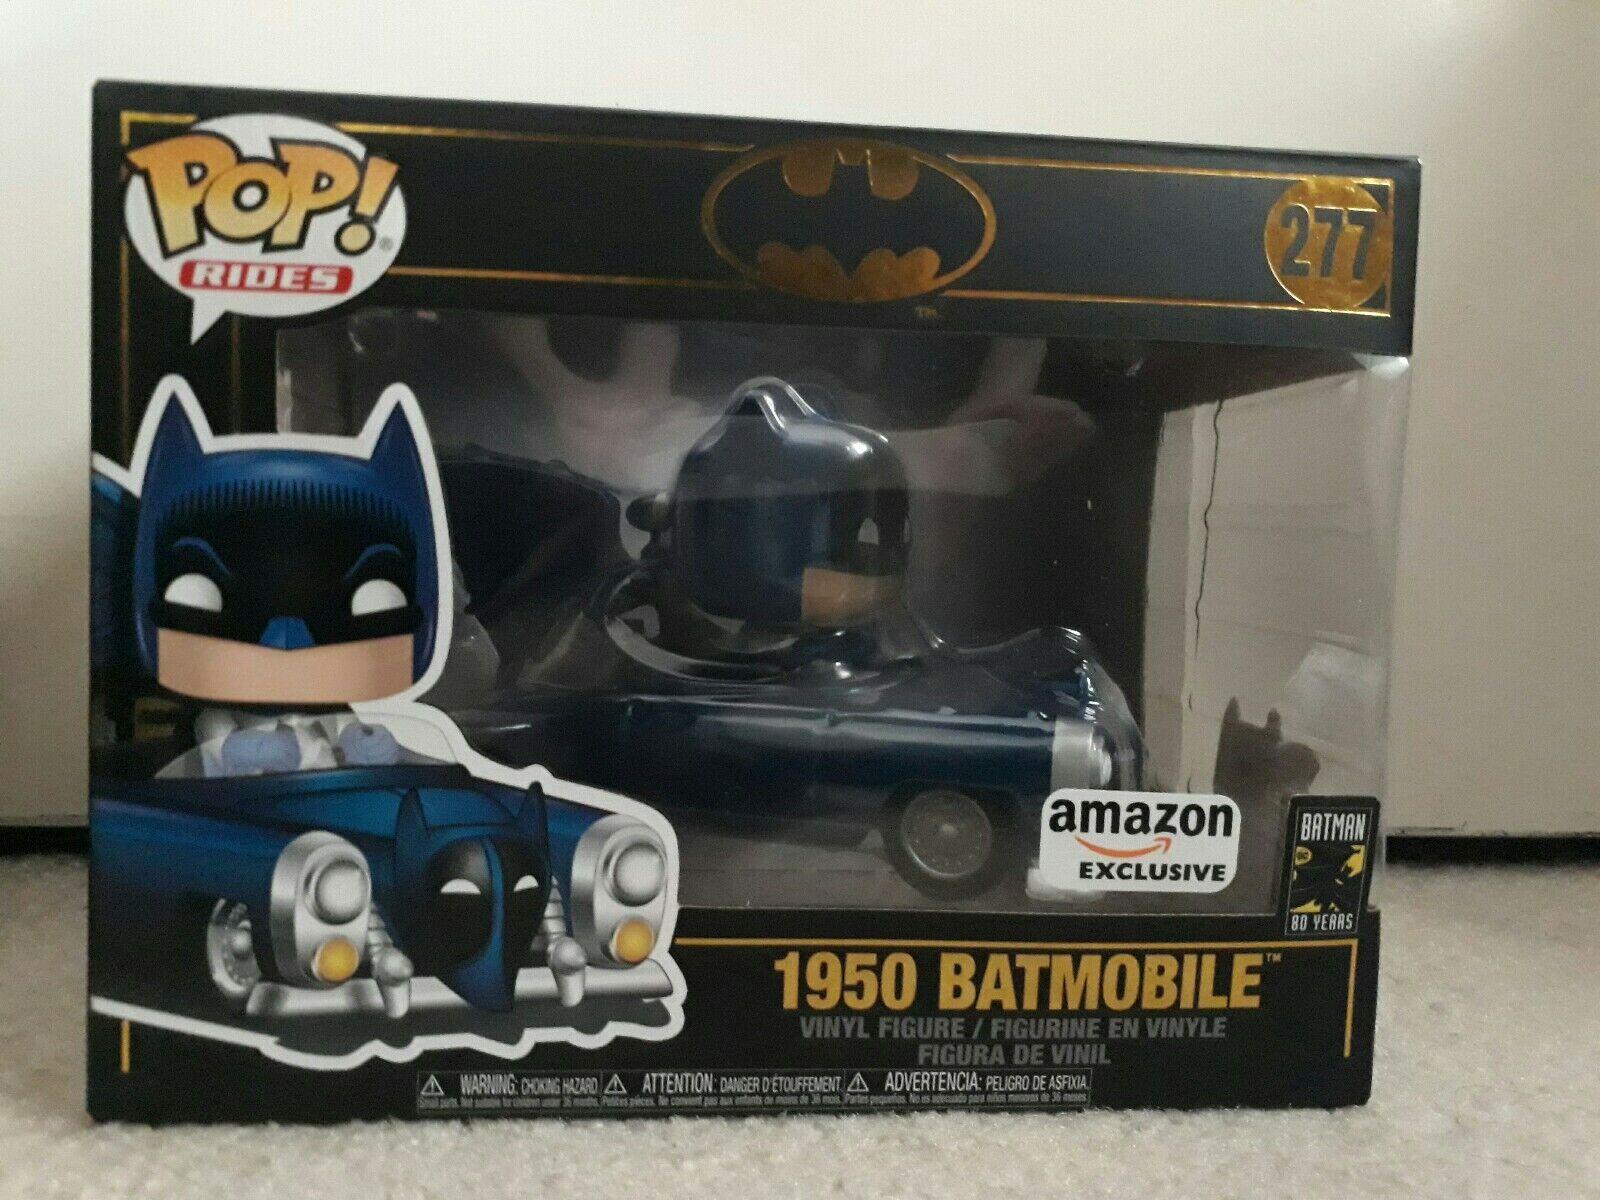 Funko-POP Rides 1950 Batmobile Brand New in Box Batman 80th